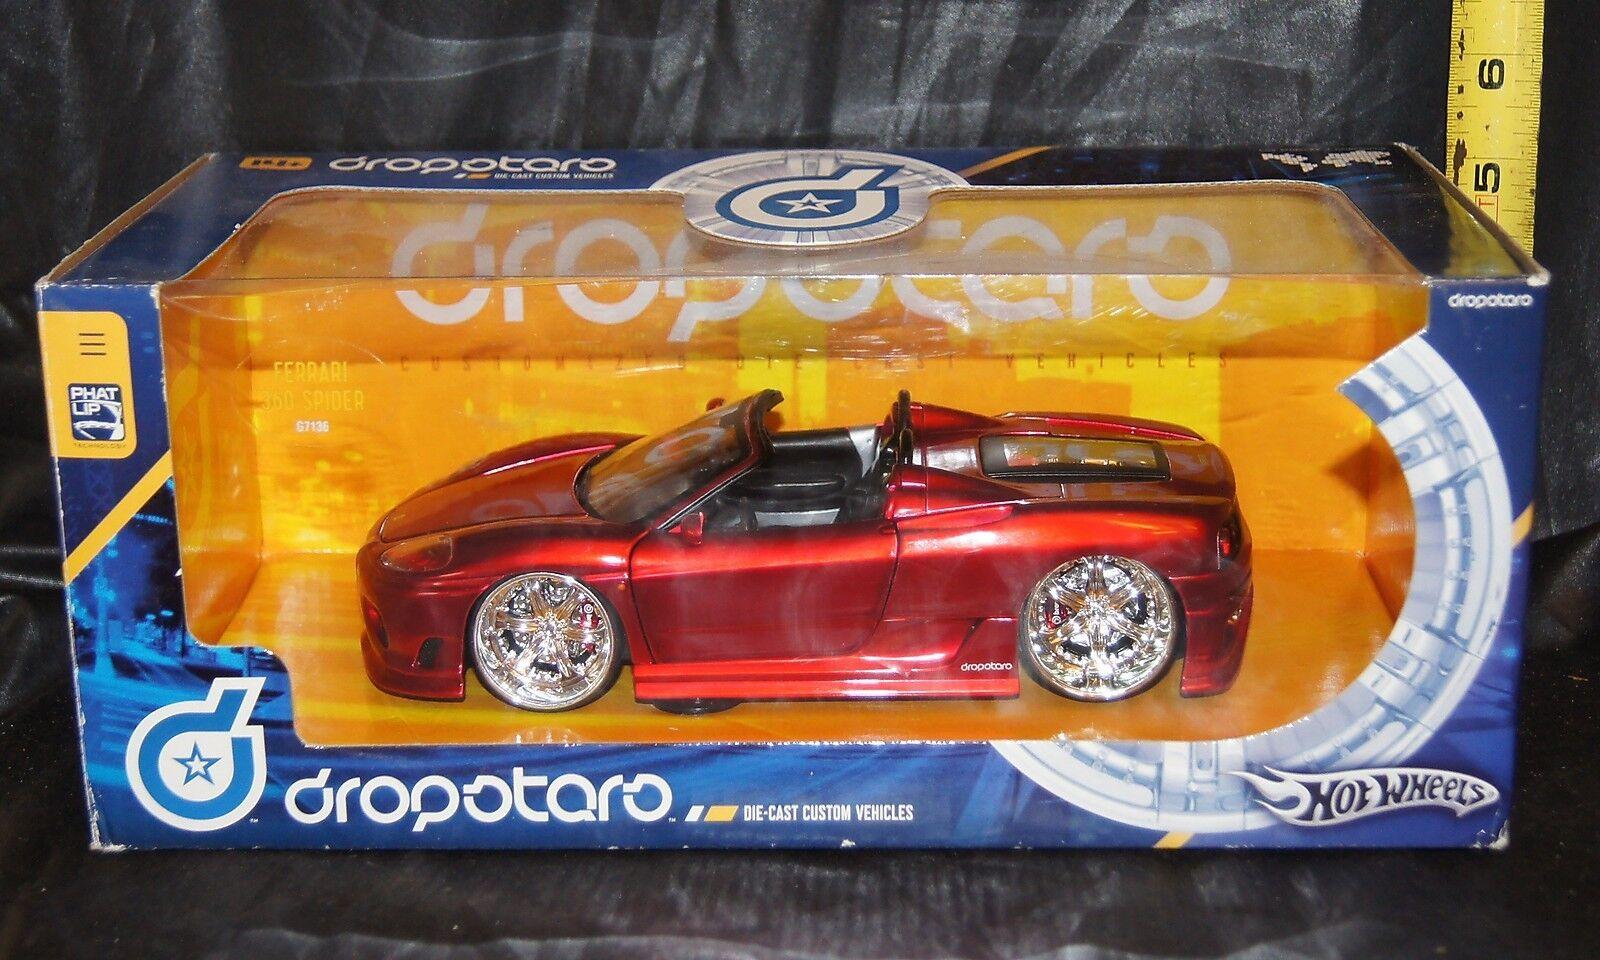 heta hjul Dropstjärnas i mellanskala (ungefär 1 20) röd Ferrari 360 Spider